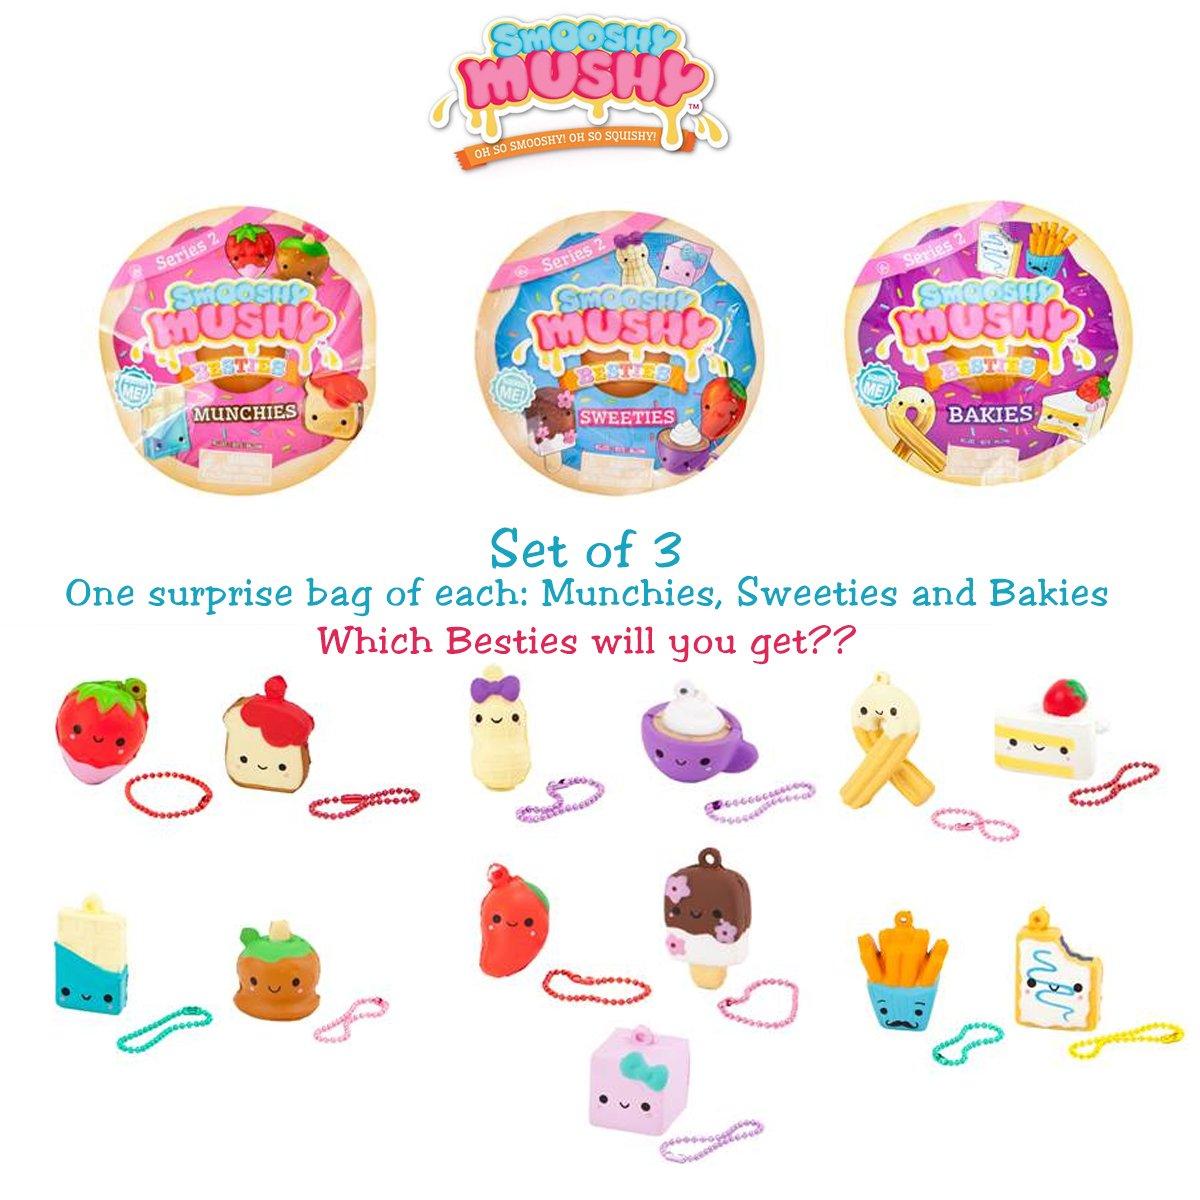 1 each of Munchies Set of 3 Bakies and Sweeties SG/_B07C7JS7RY/_US Smooshy Mushy Besties Series 2